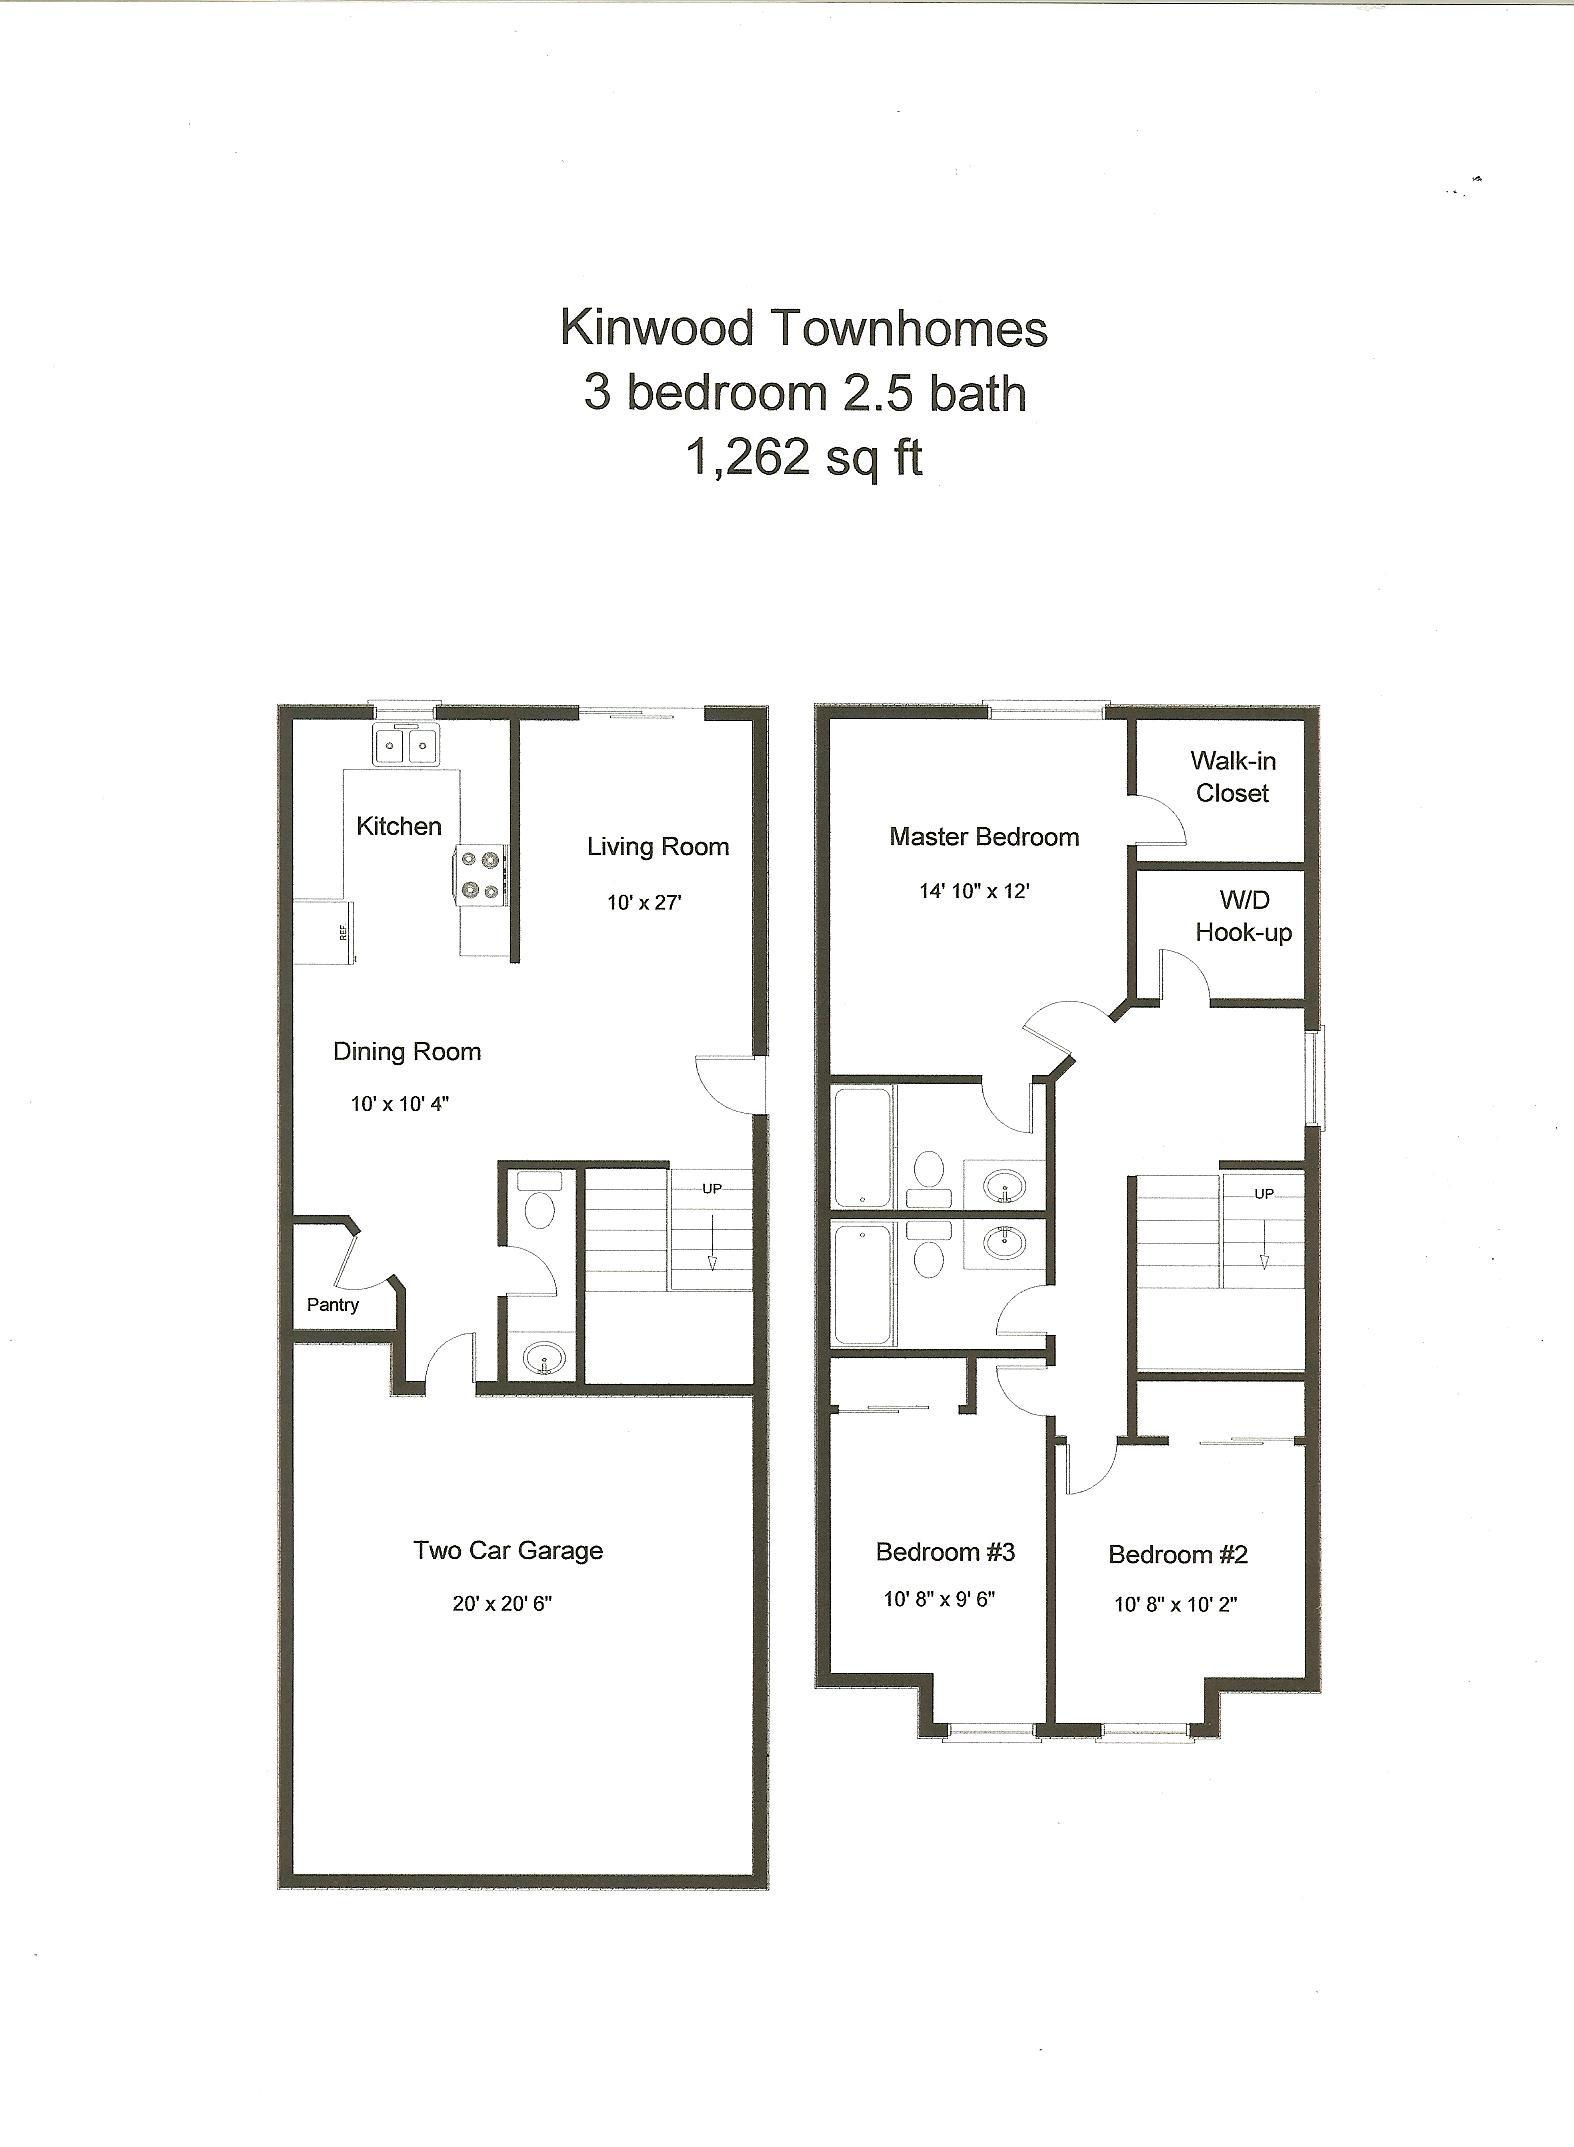 3 Br 2 5 Ba The Kinwood Townhomes Floor Plan Jackson Rental Properties